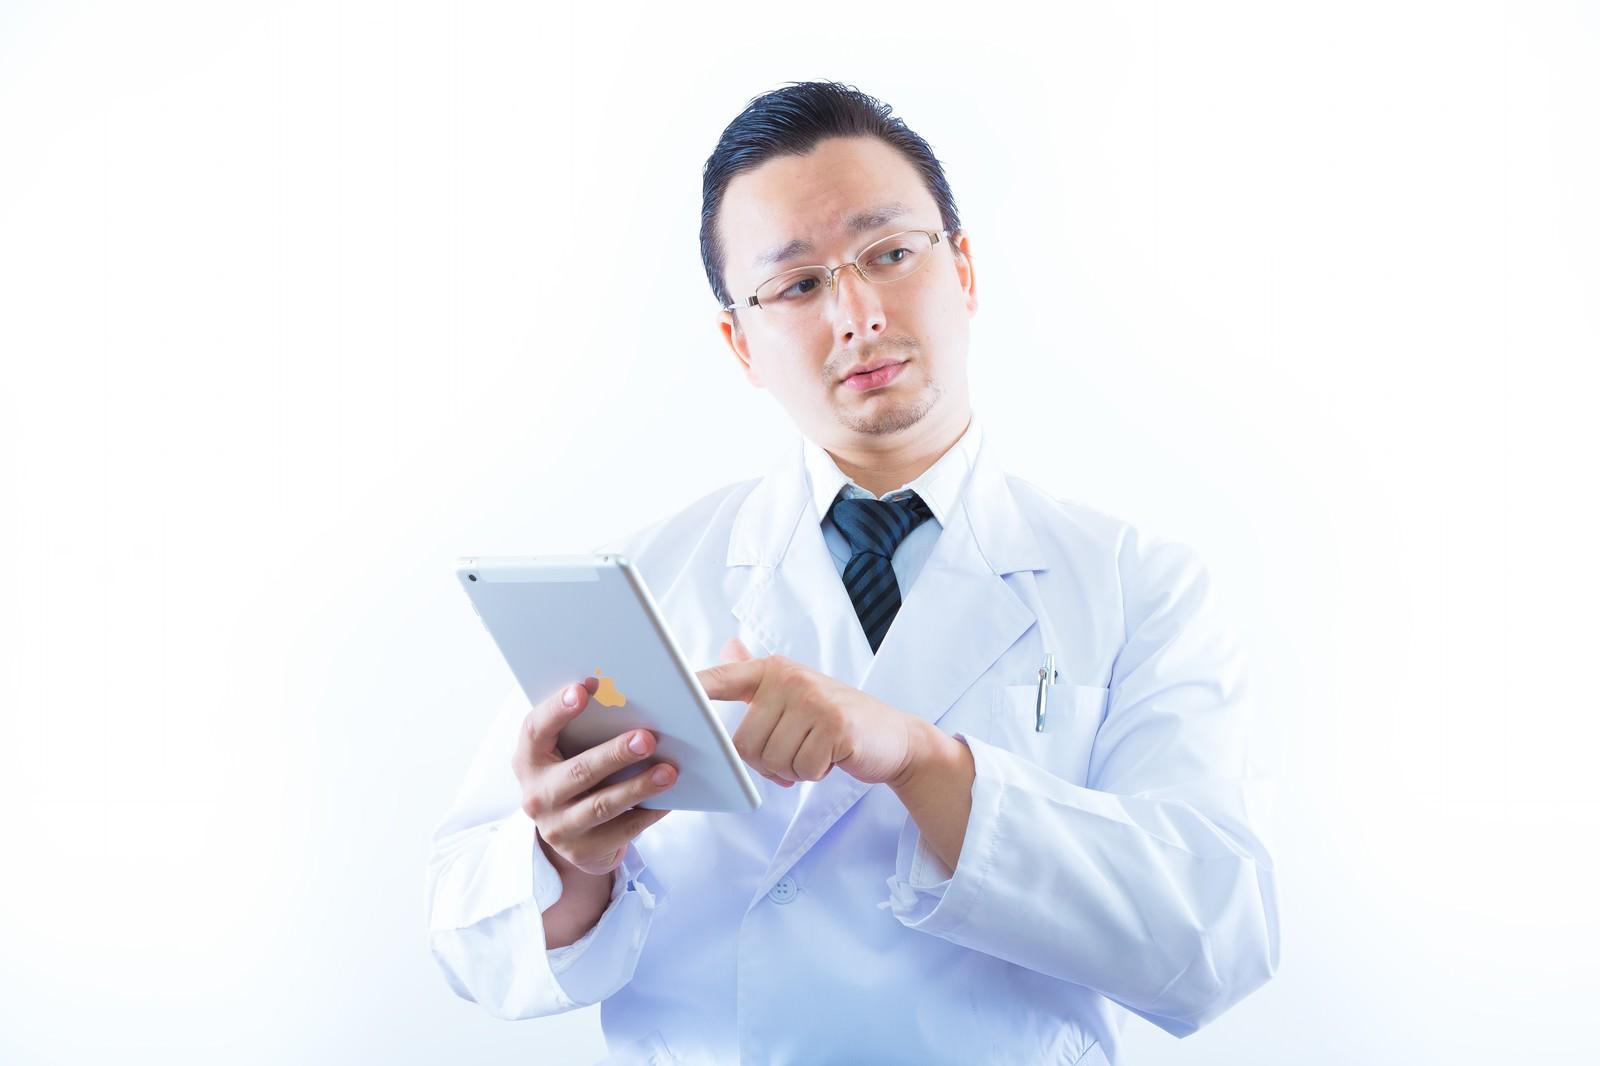 「タブレットを持って検索をする白衣のドクタータブレットを持って検索をする白衣のドクター」[モデル:Max_Ezaki]のフリー写真素材を拡大